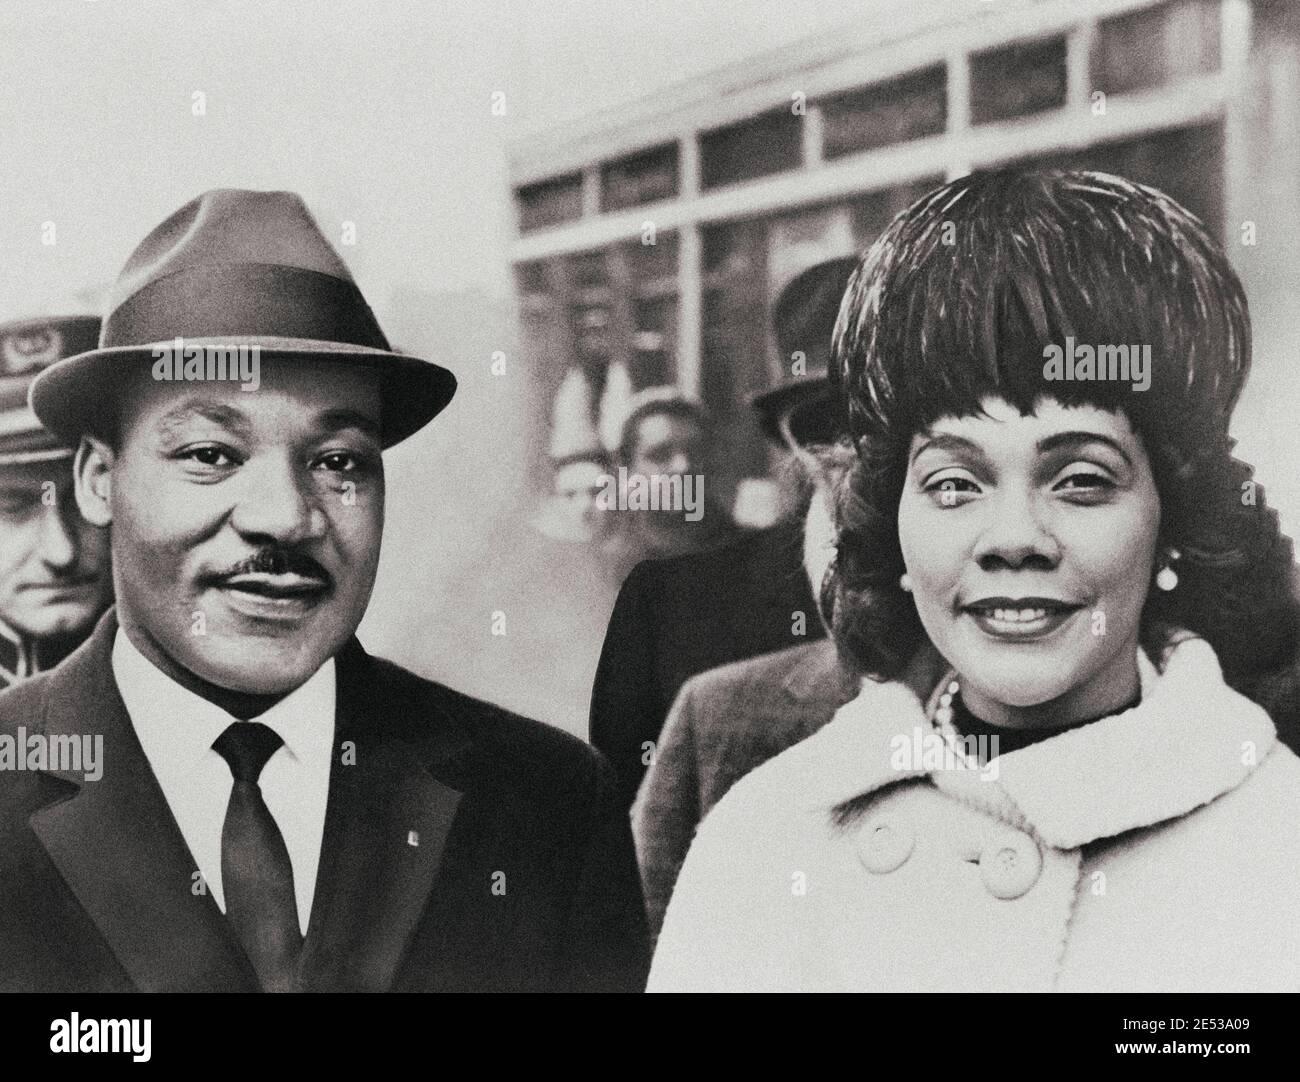 Martin Luther King Jr. Avec son épouse Coretta Scott King, portrait tête-et-épaules, face à l'avant. ÉTATS-UNIS. 1964 Banque D'Images